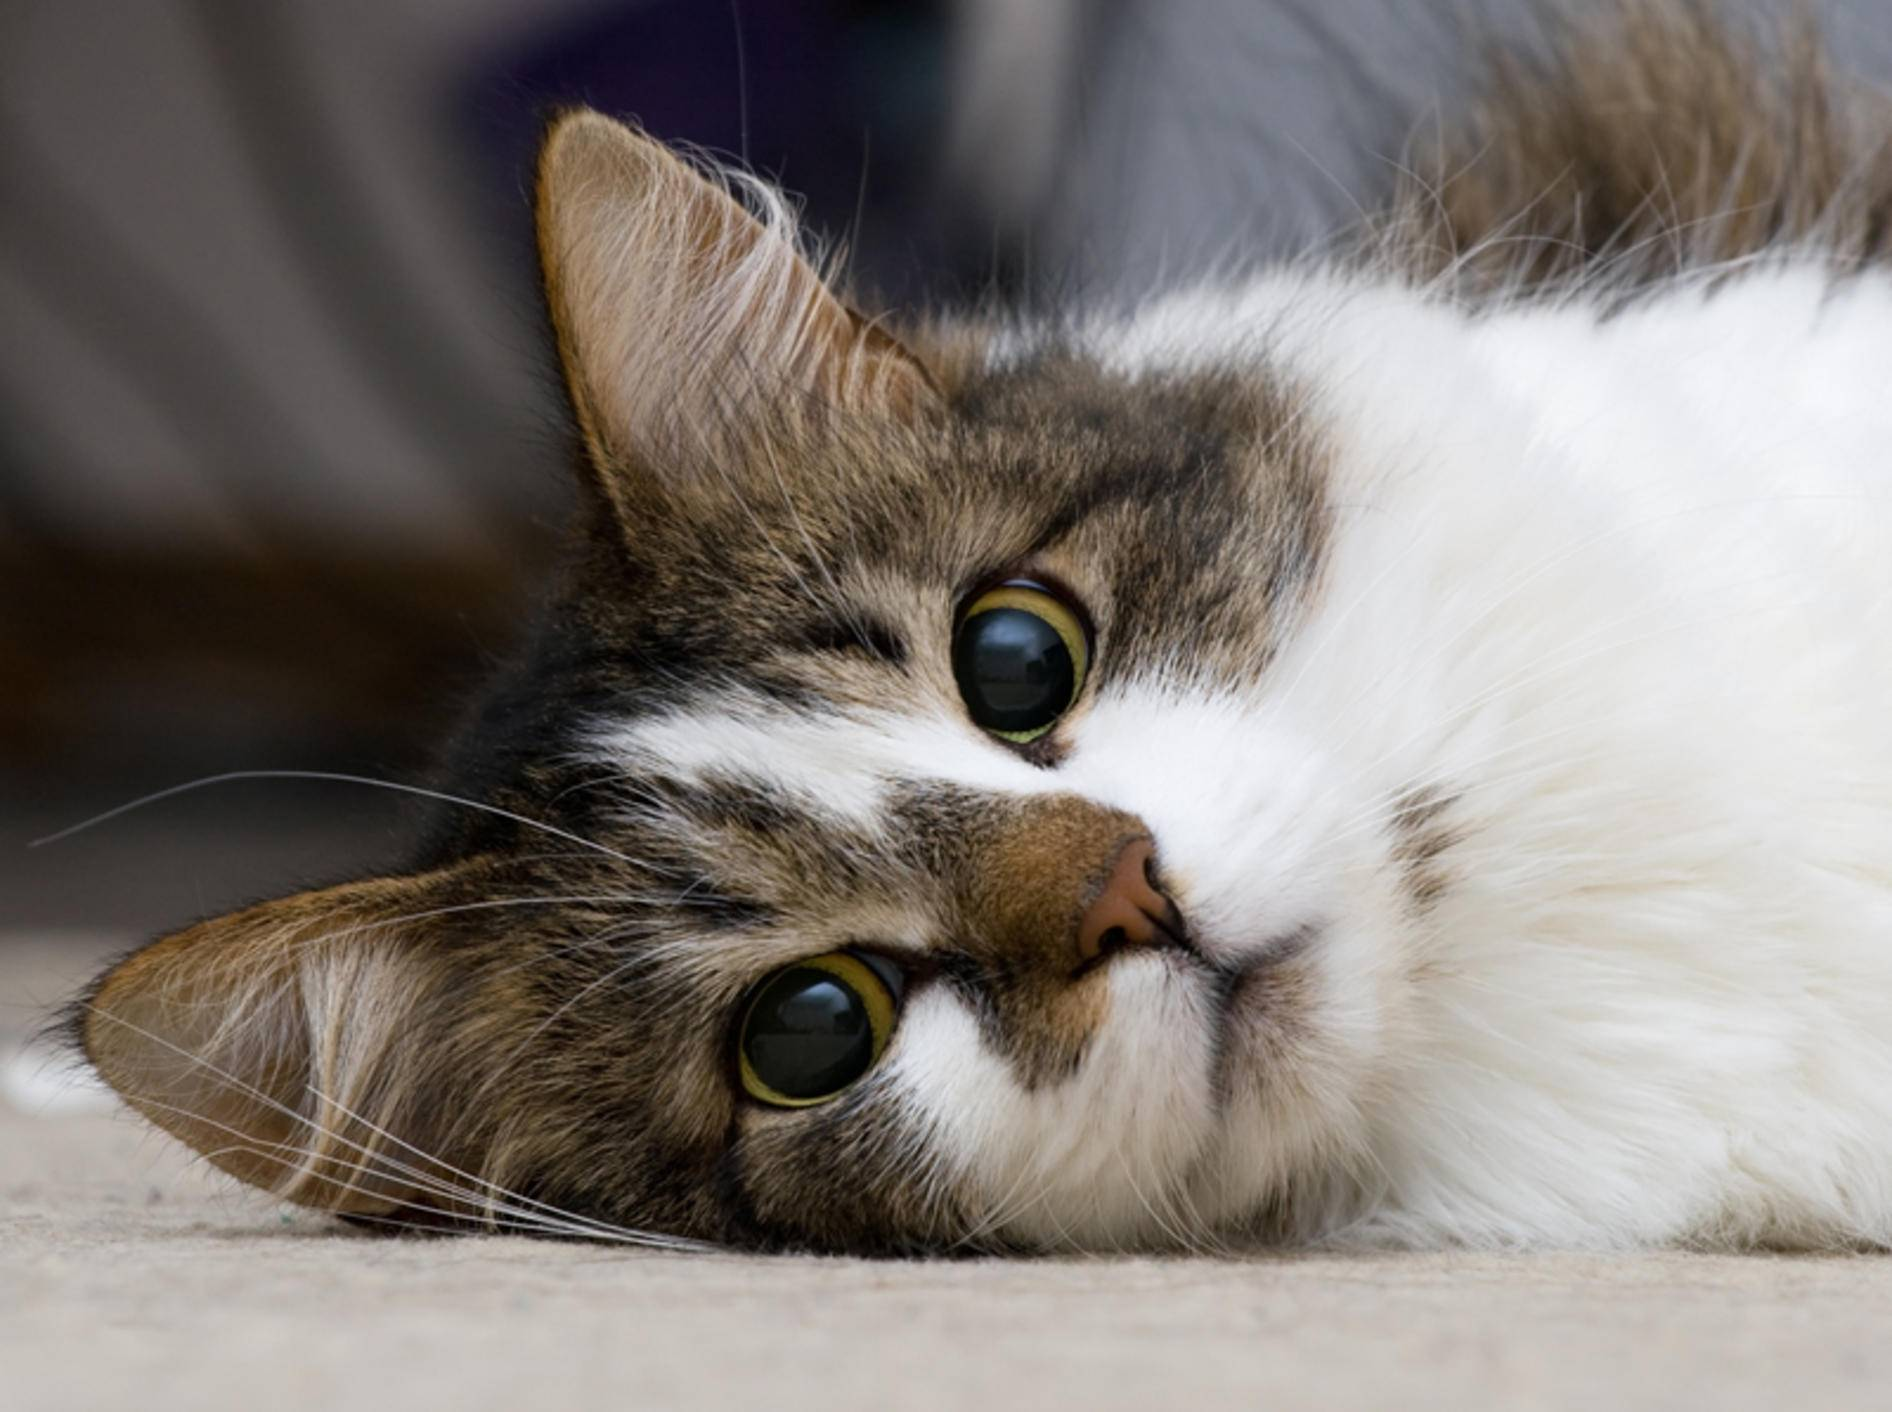 Katzenohren sind empfindlich und anfällig für Krankheiten – Shutterstock / Nikolai Tsvetkov